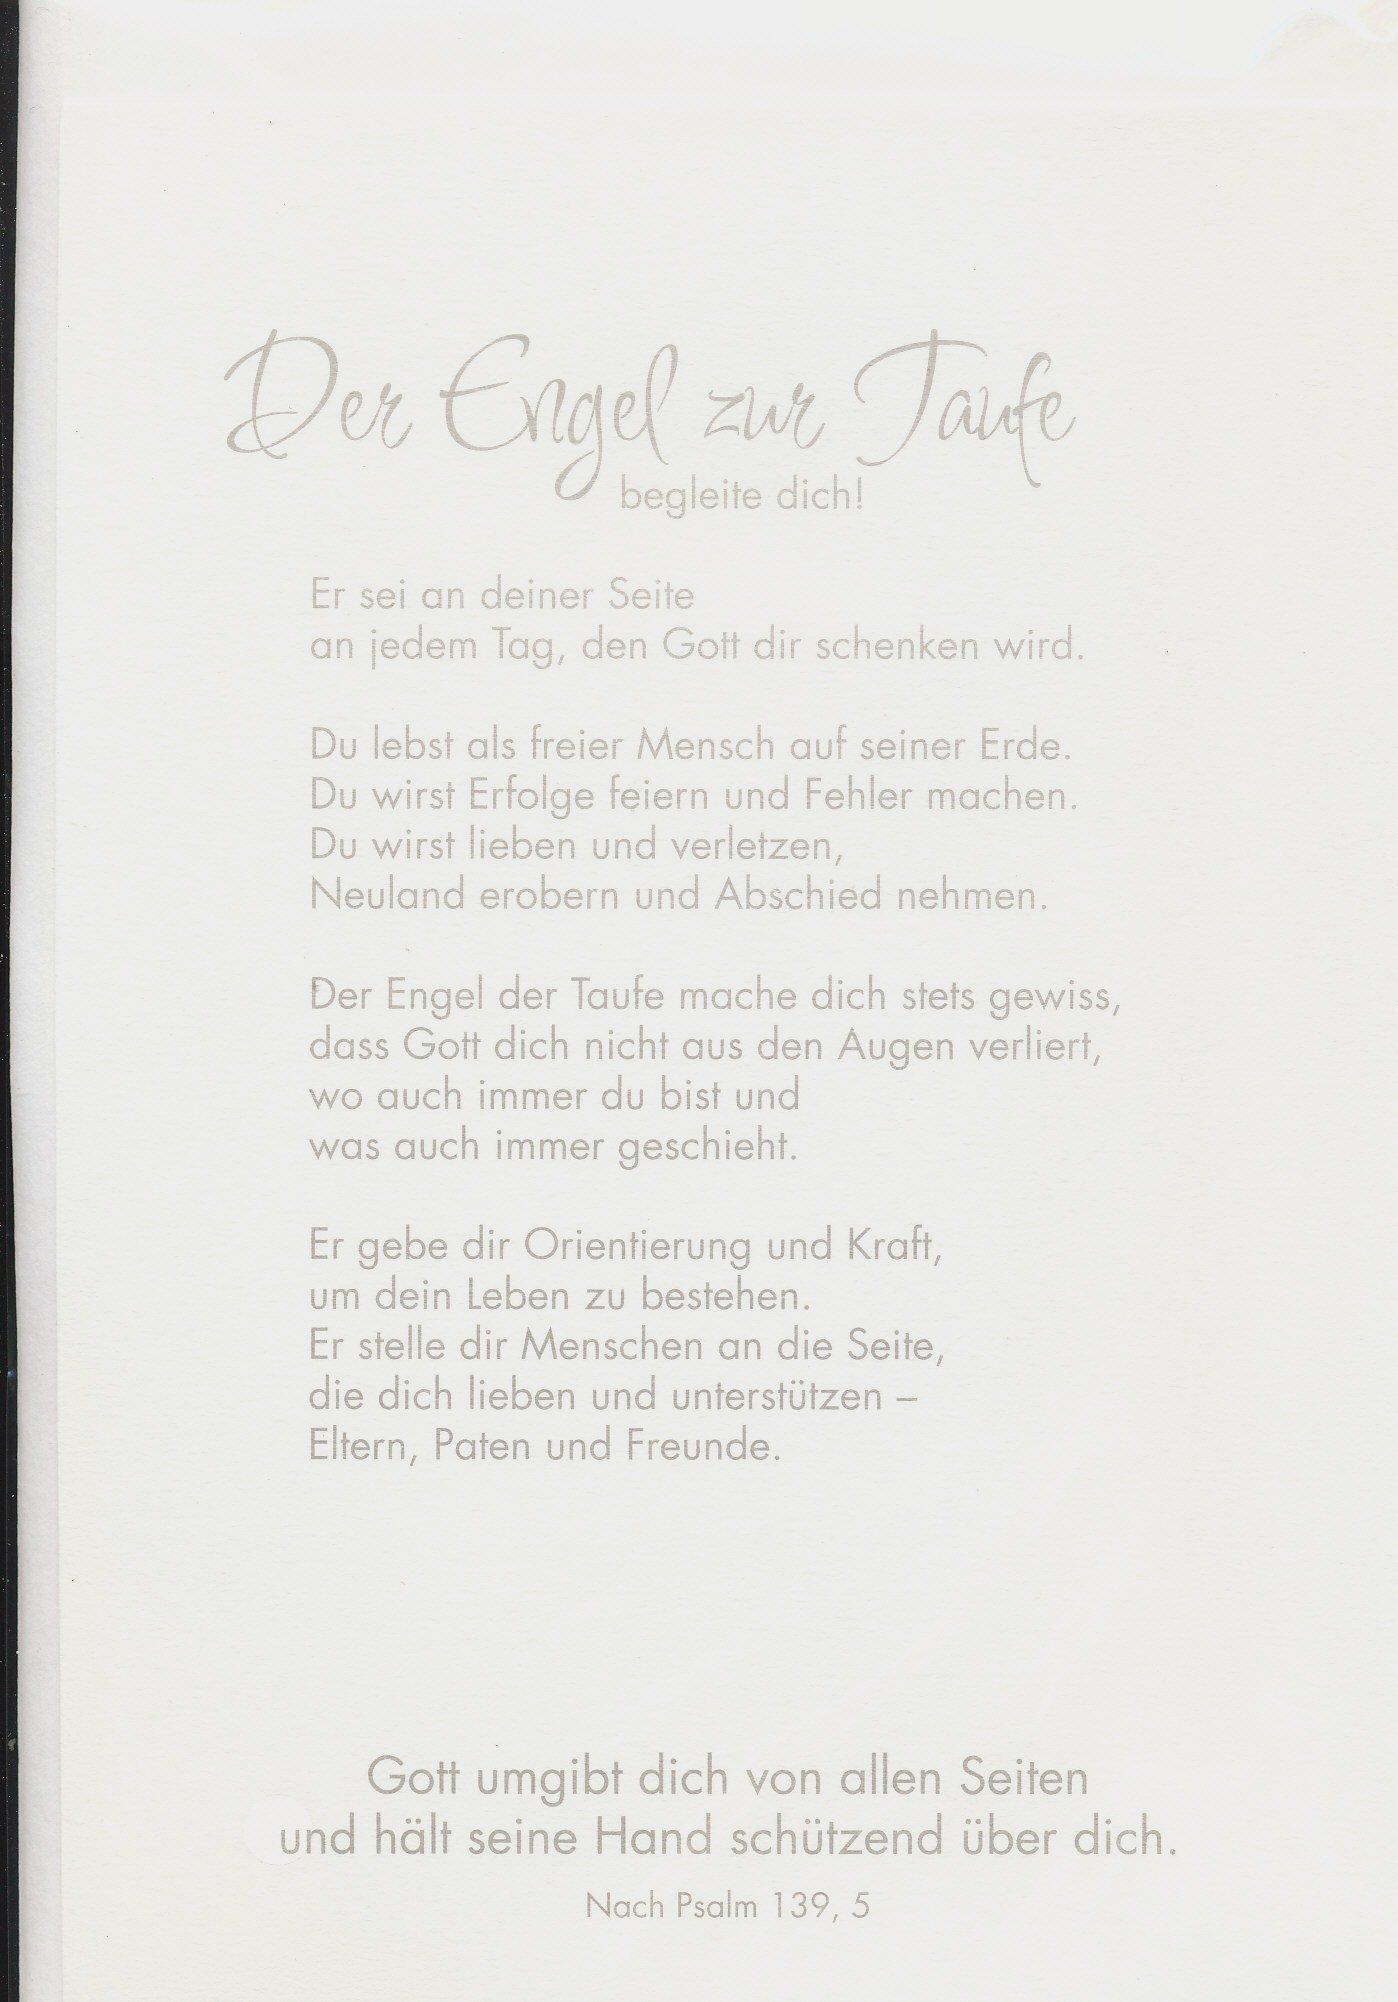 Spruch Zur Taufe Karte.Zur Taufe Dein Engel Zur Taufe Mit Spruch Und Feinem Schutzengel